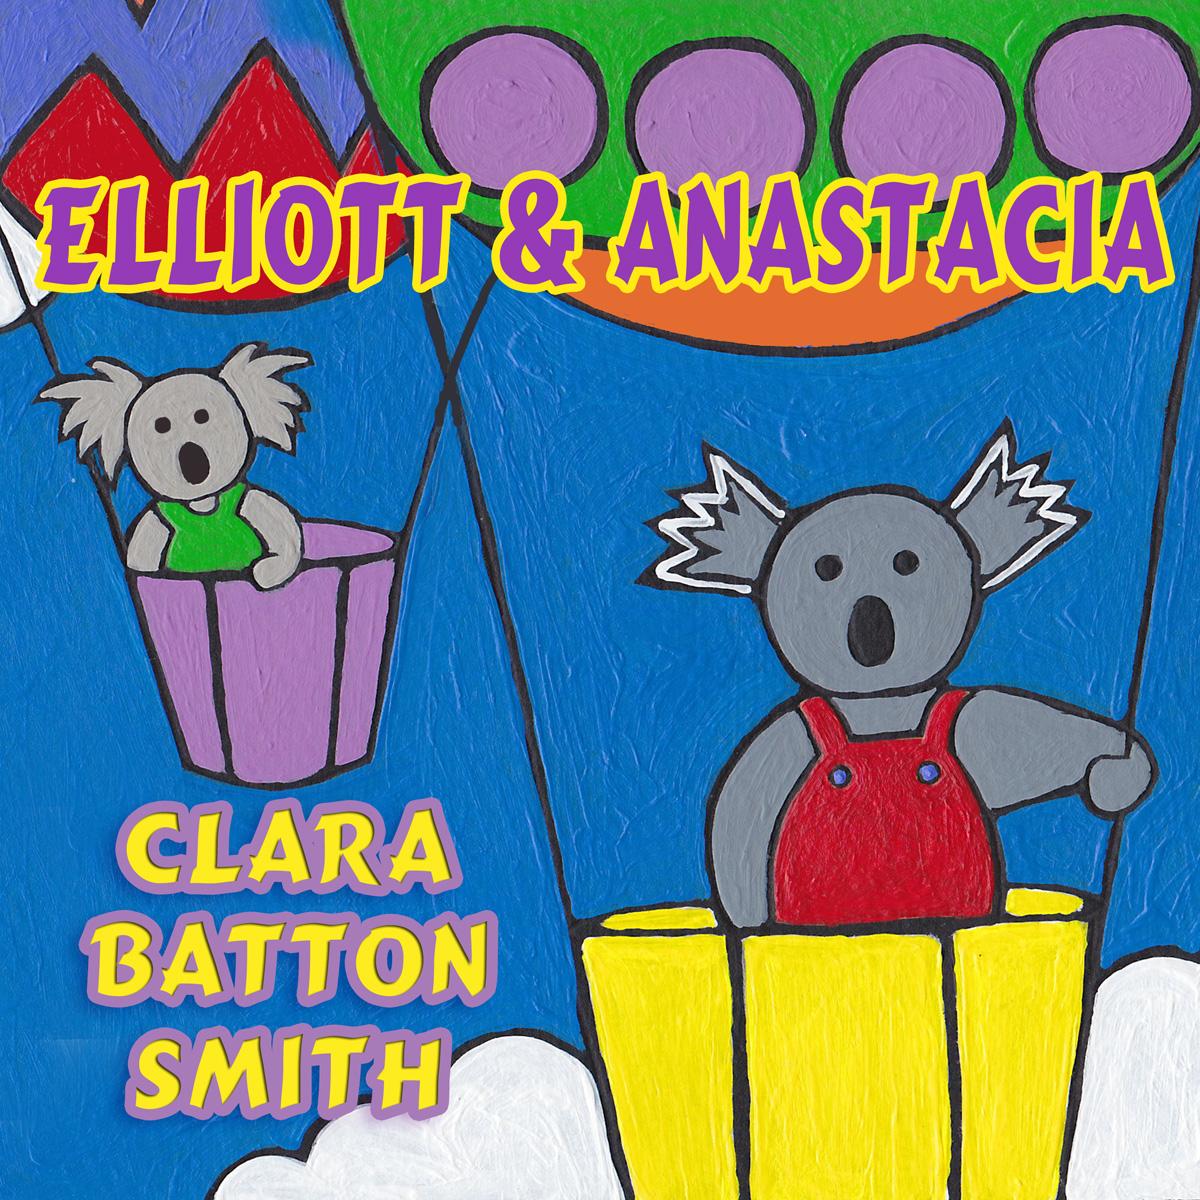 Elliot & Anastacia